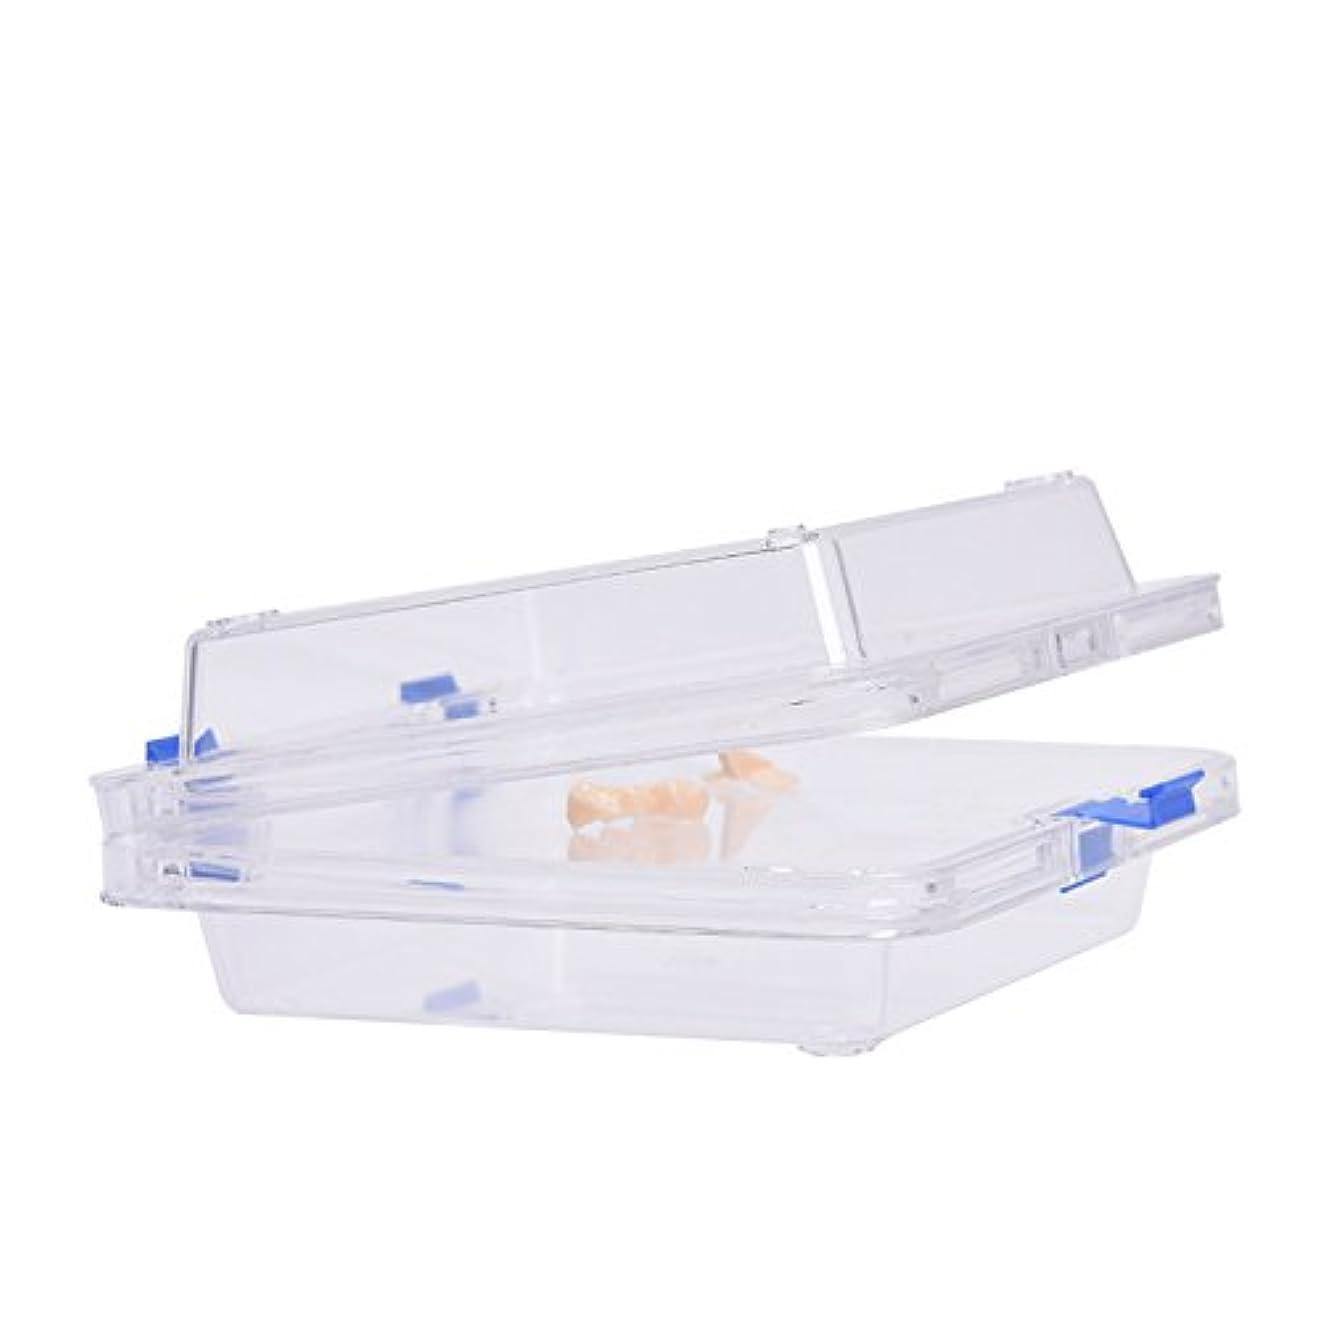 学校教育メモワードローブ入れ歯入れケース防振膜付き サイズ:9.5 * 9.5 * 5cm  義歯ケース Annhua